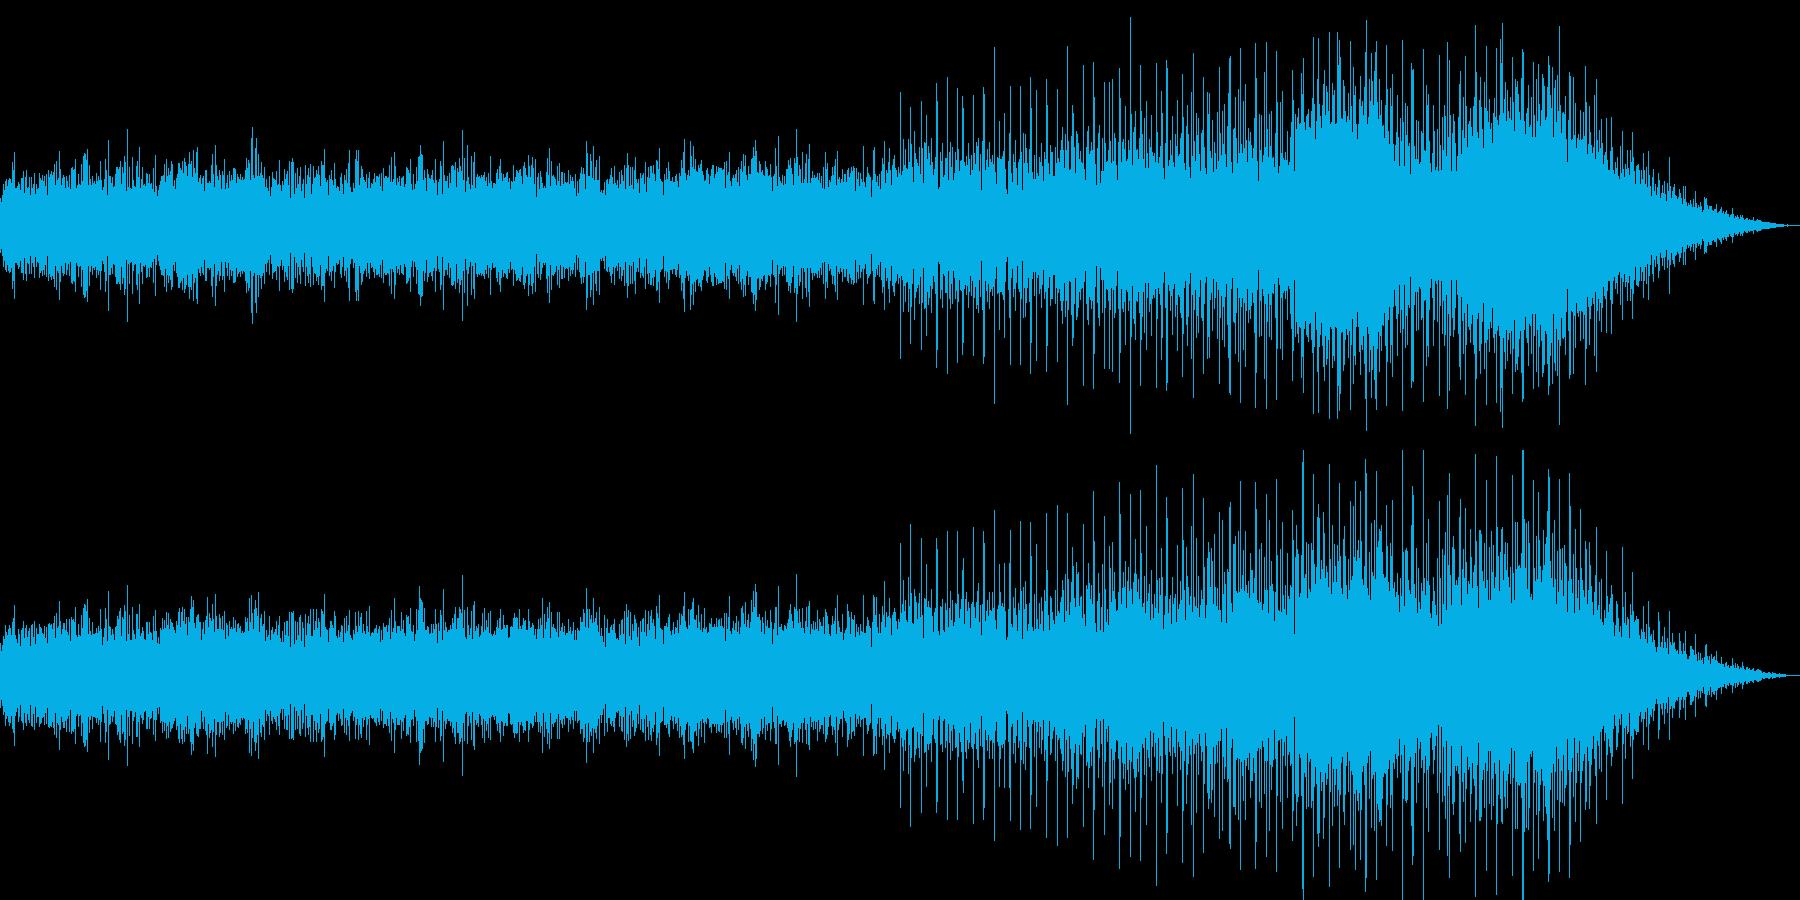 ゆったりしたヒーリングミュージックの再生済みの波形